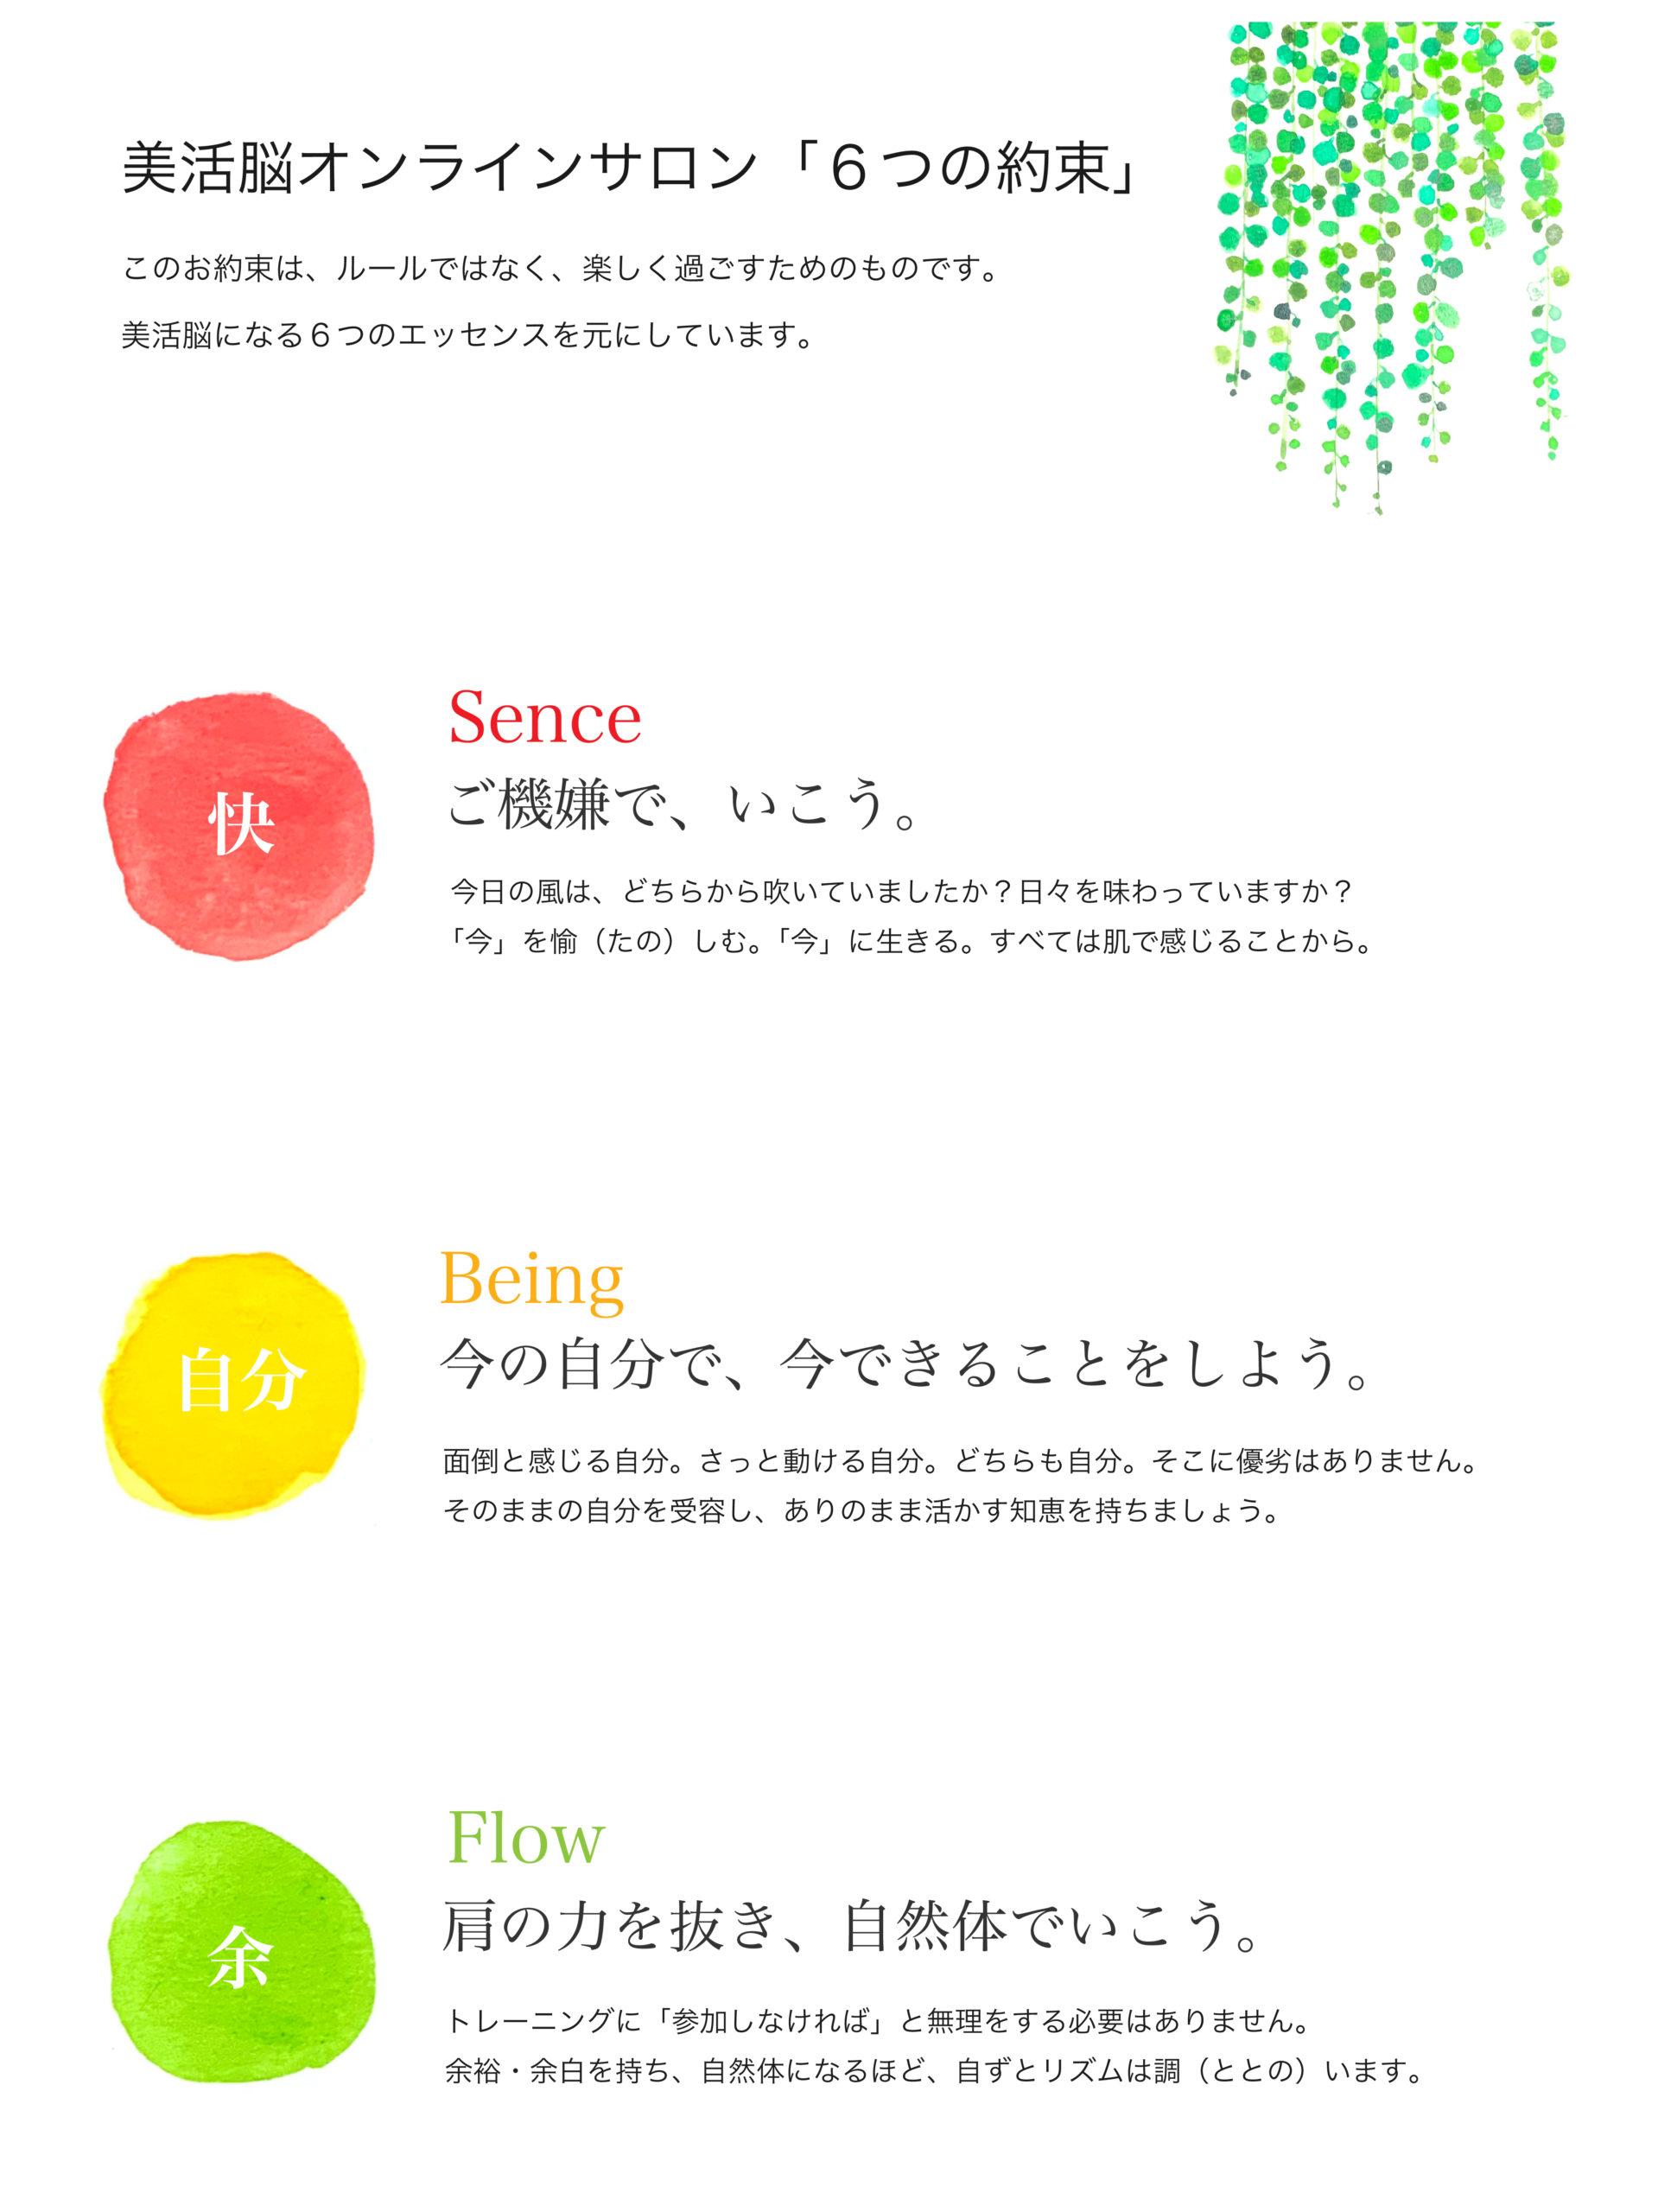 美活脳オンラインサロン「6つの約束」快_自分_余